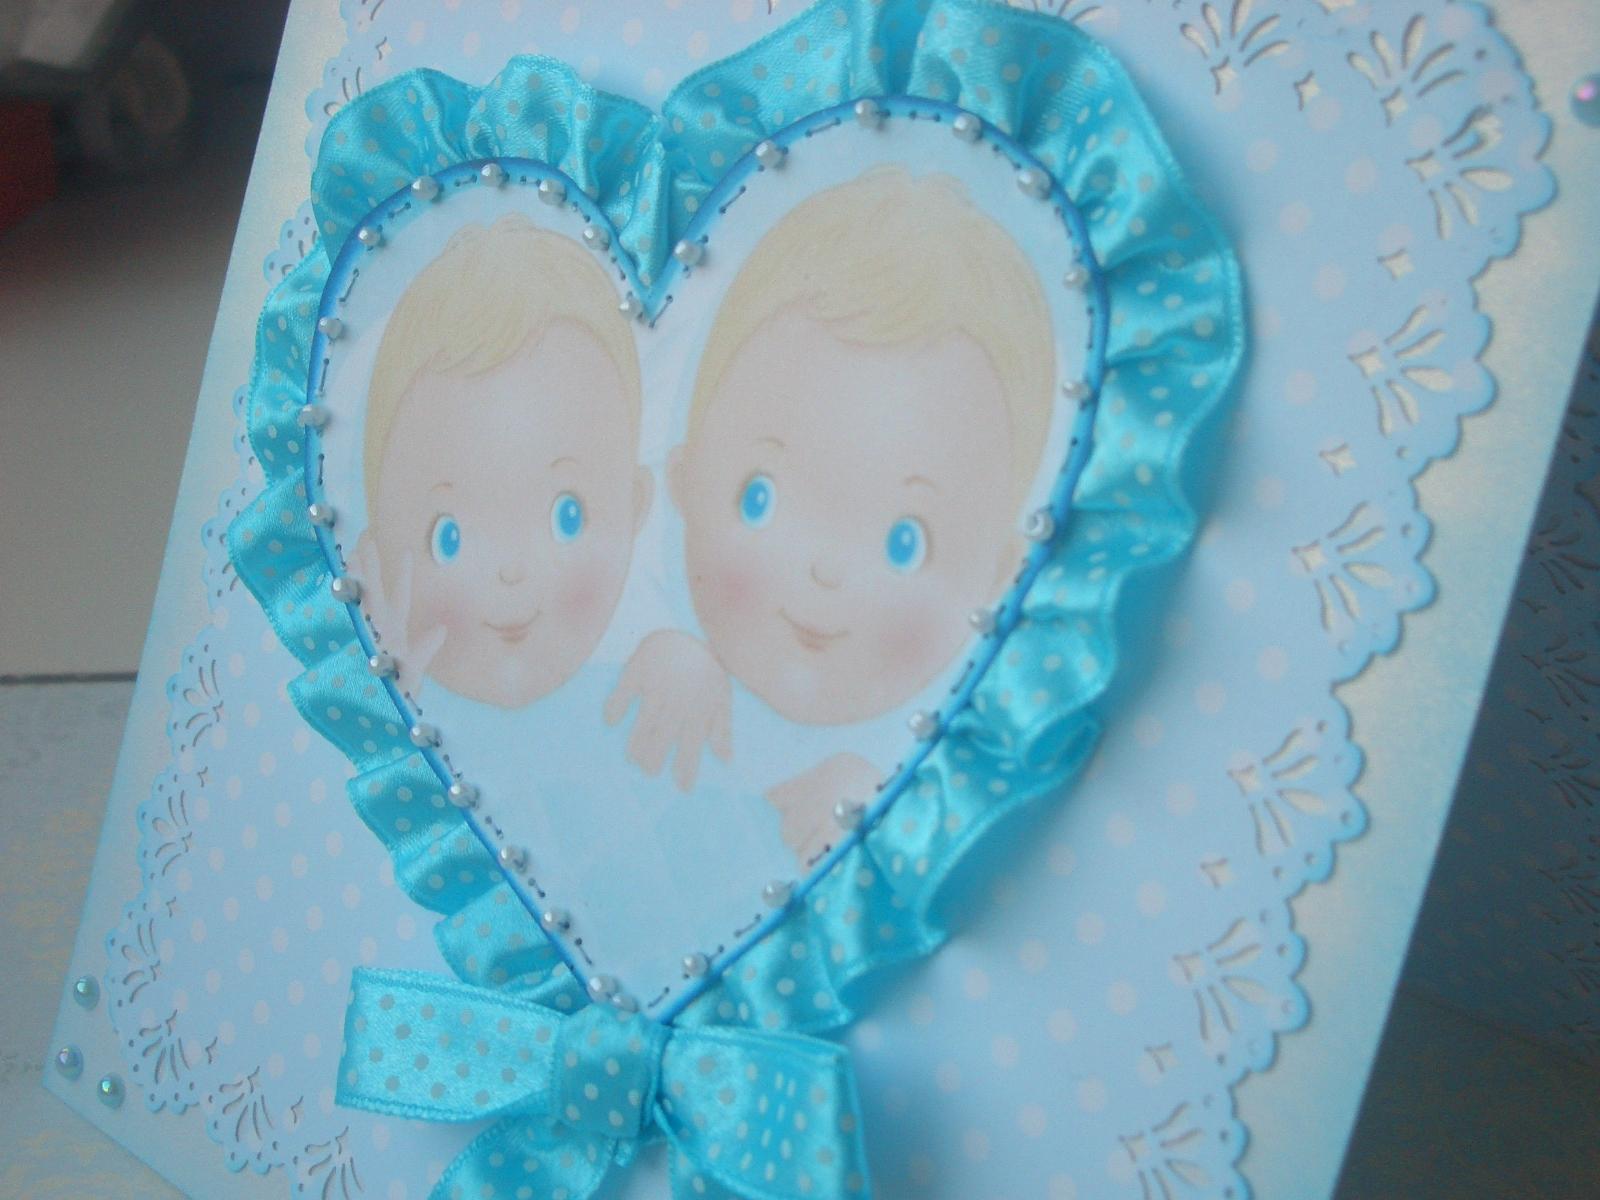 Поздравление с днем рождения для двойняшек женщин